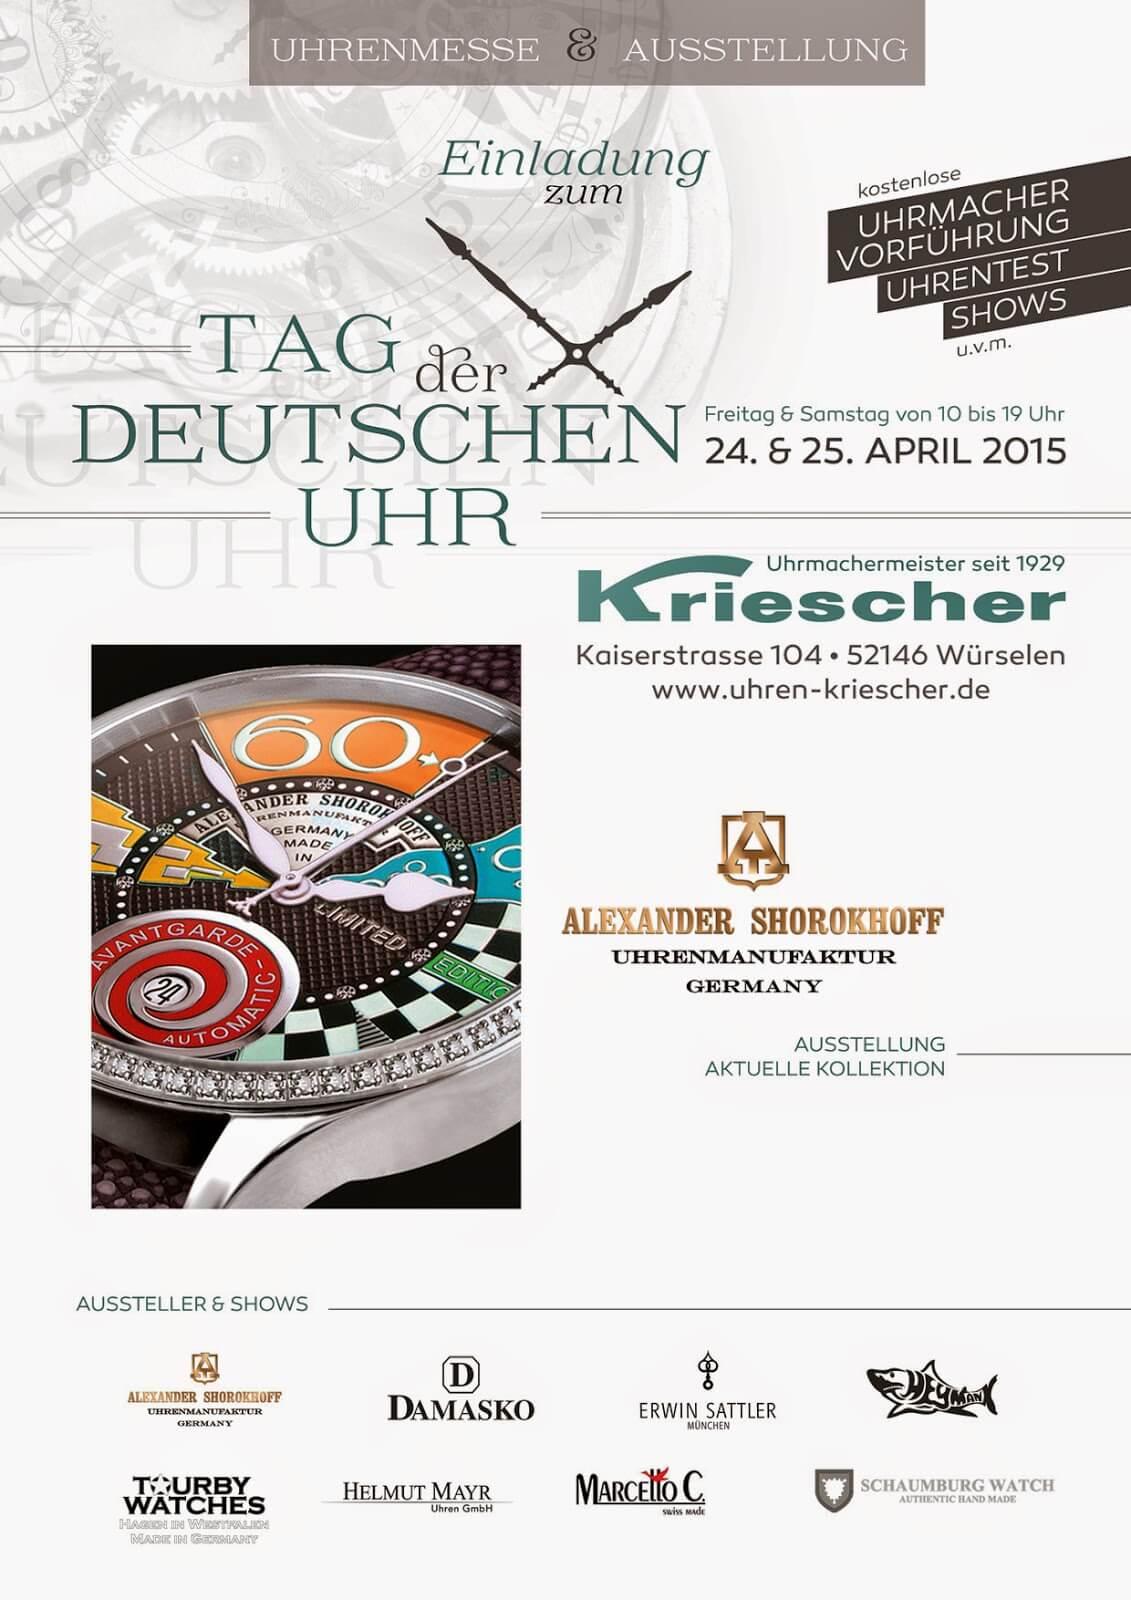 WEB_Kriescher_TDDU_Shorokhoff